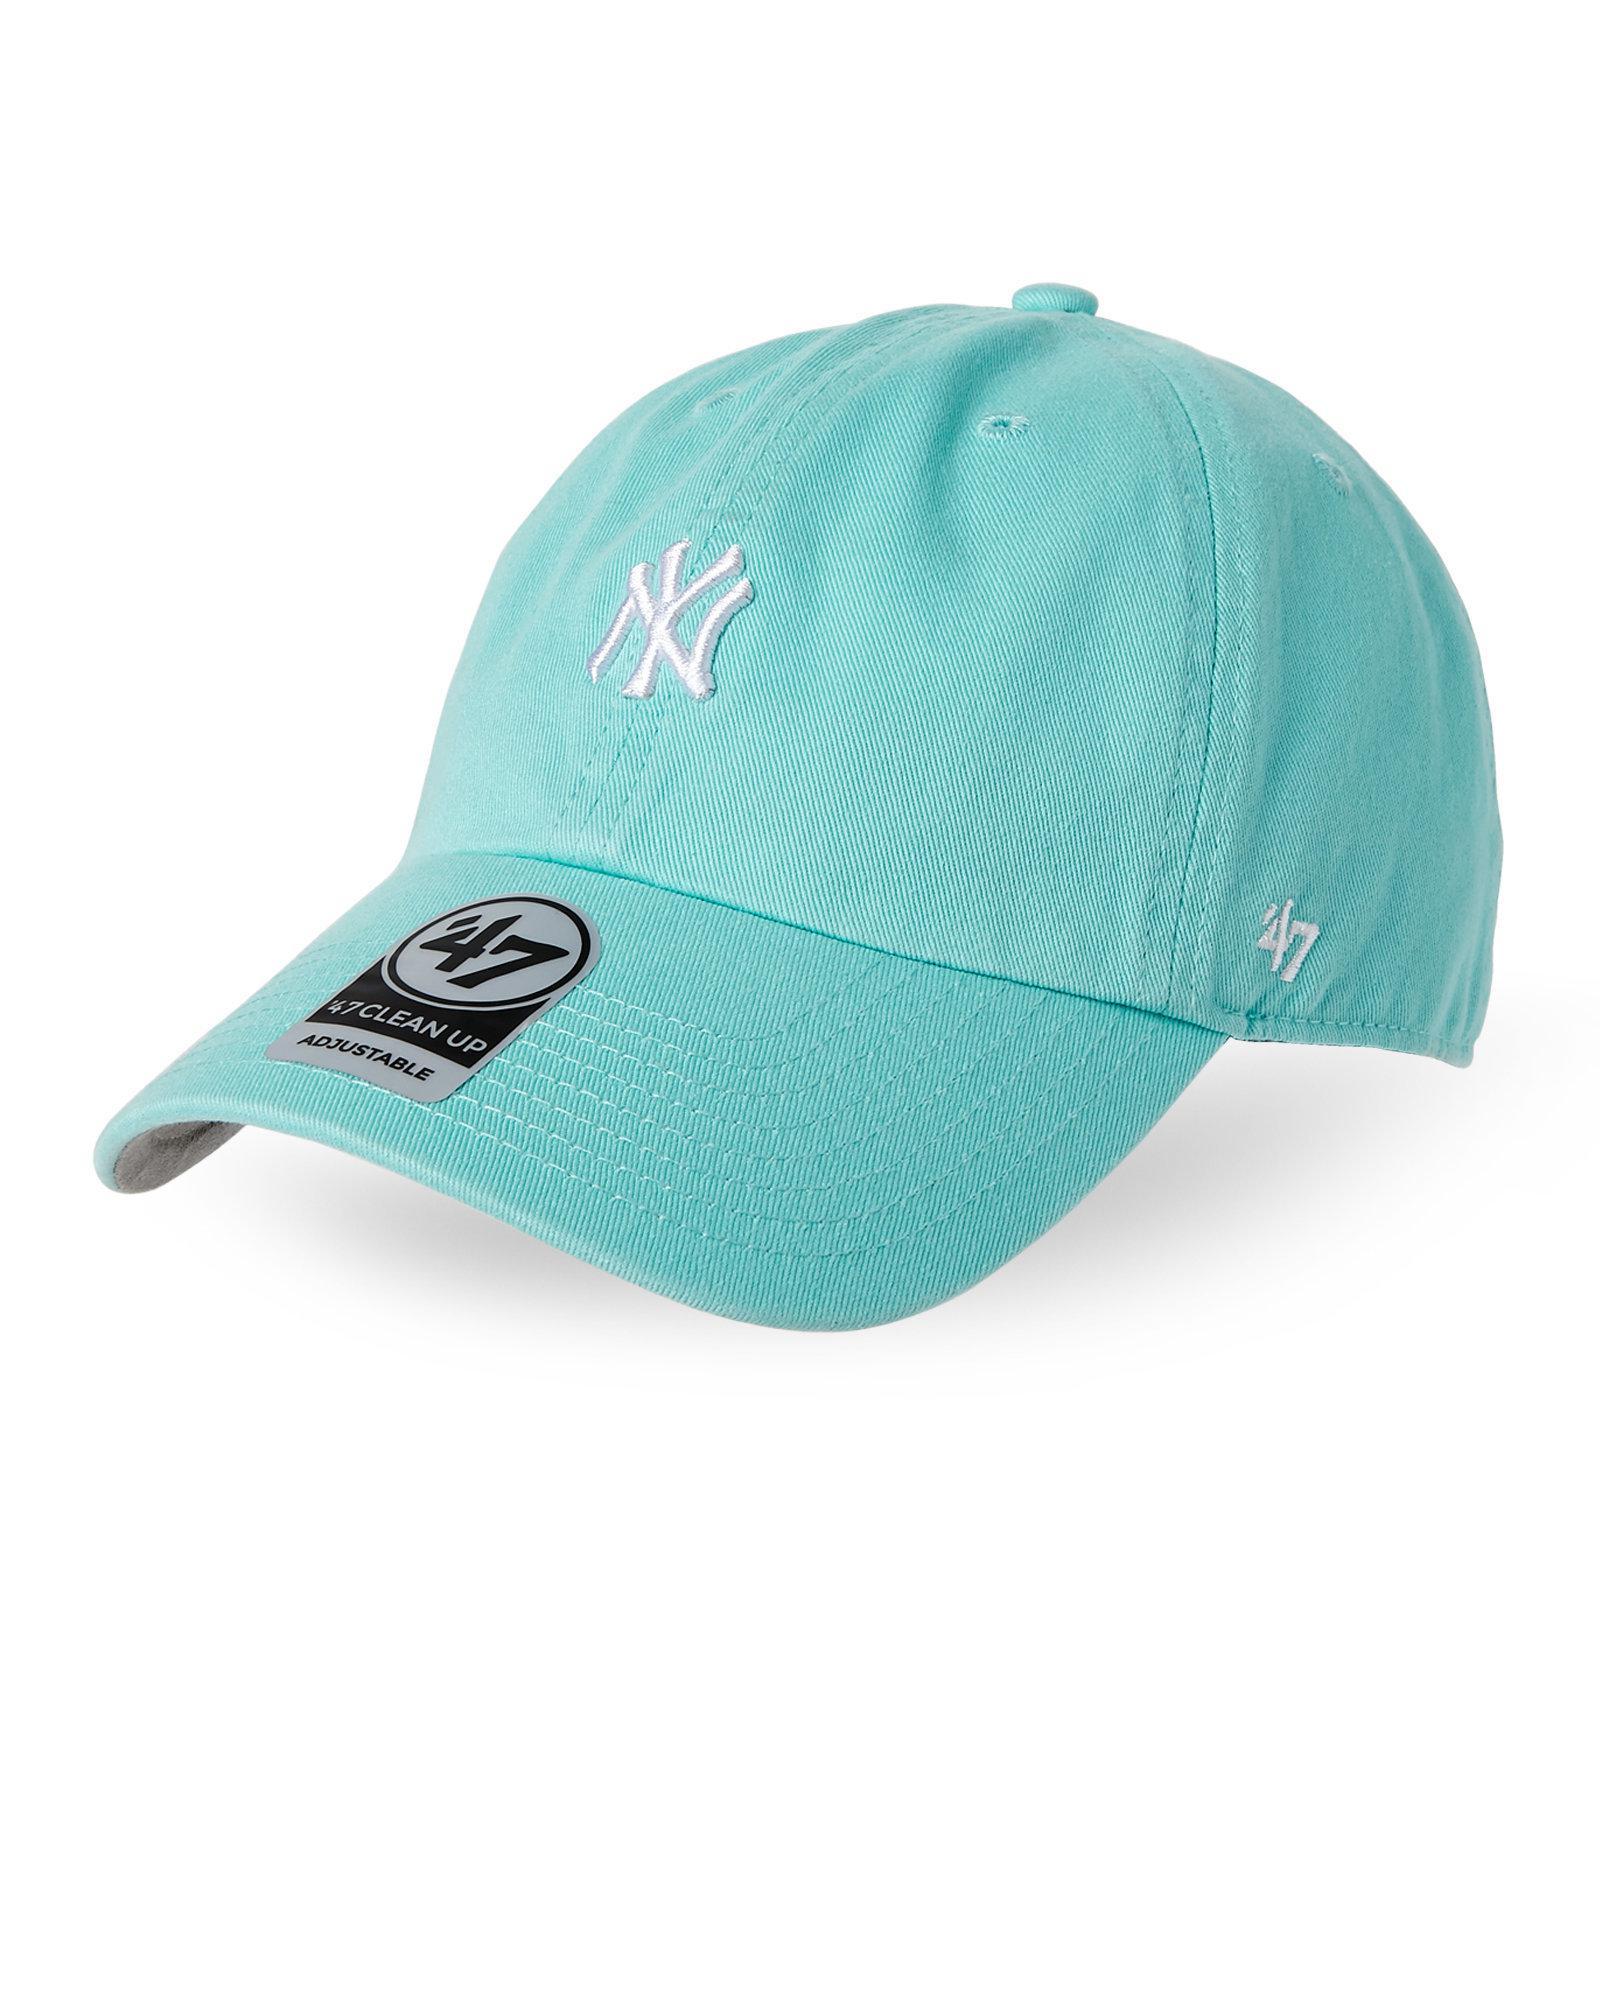 Lyst - 47 Brand New York Yankees Mini Logo Baseball Cap in Blue for Men 02ea47ec200